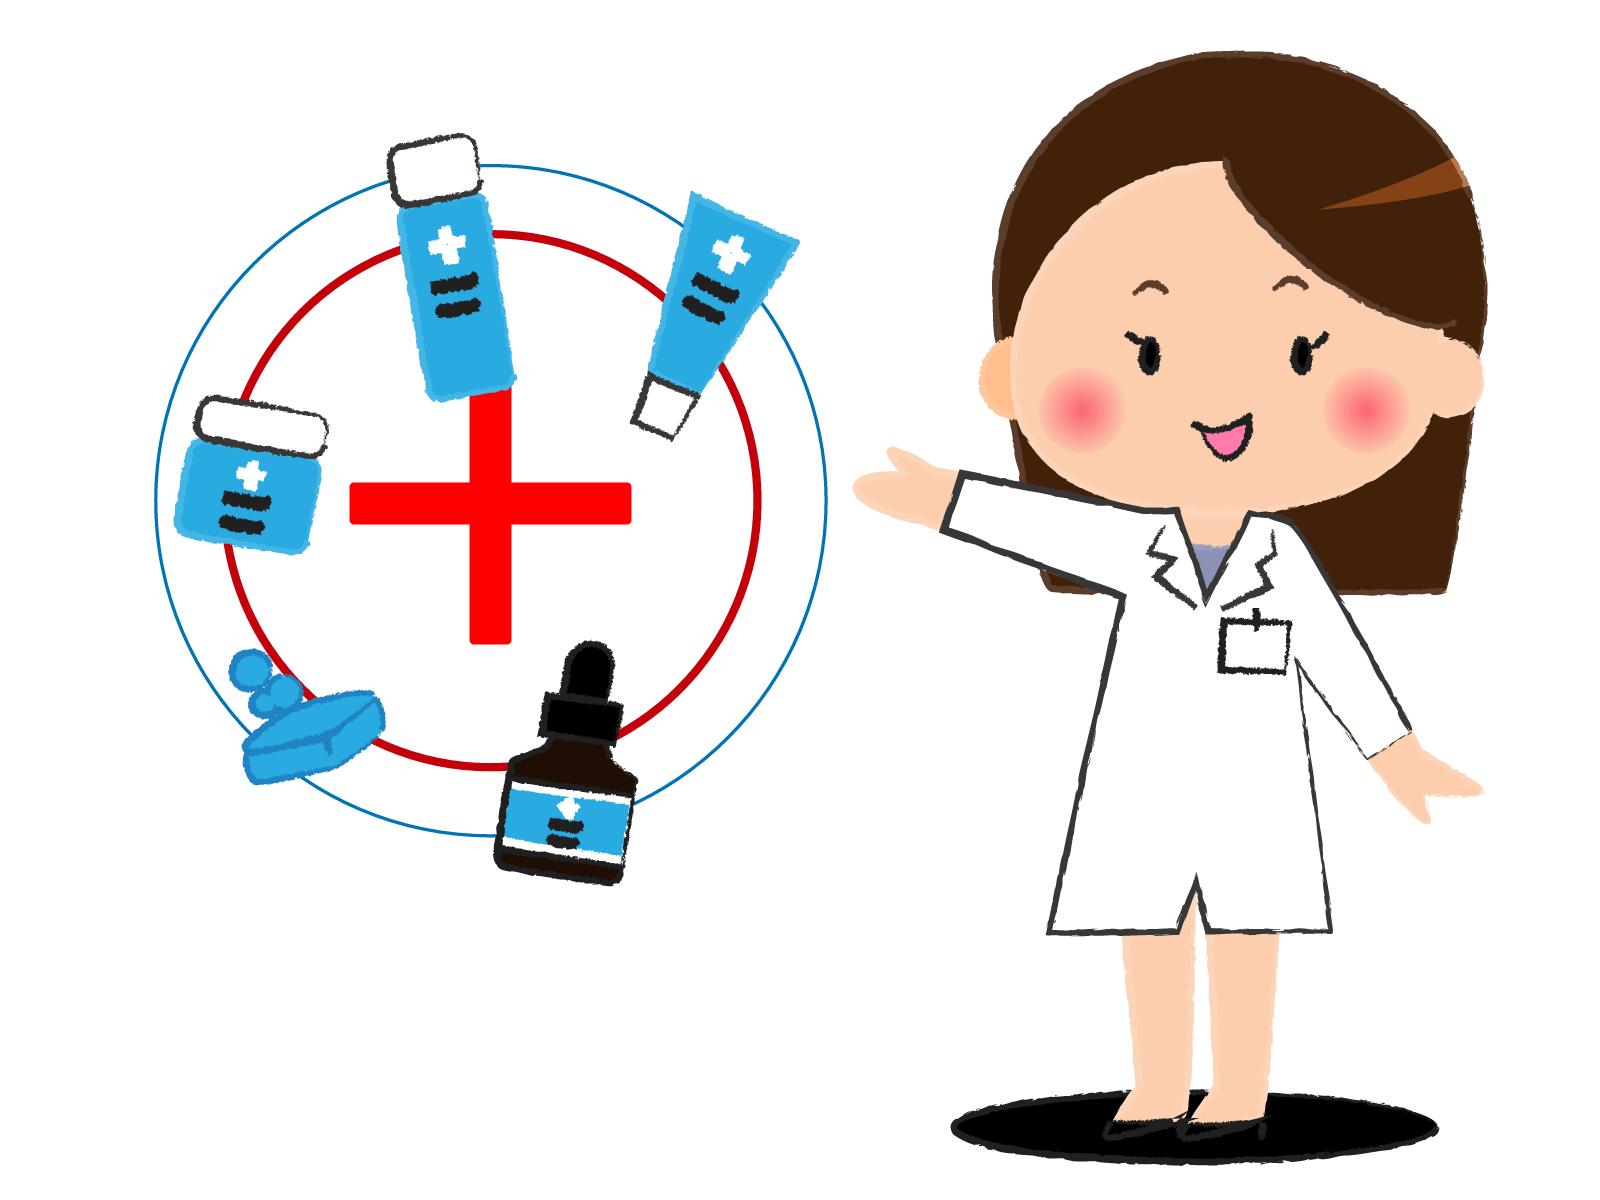 ニキビ 処方 治療 薬 飲み薬 塗り薬